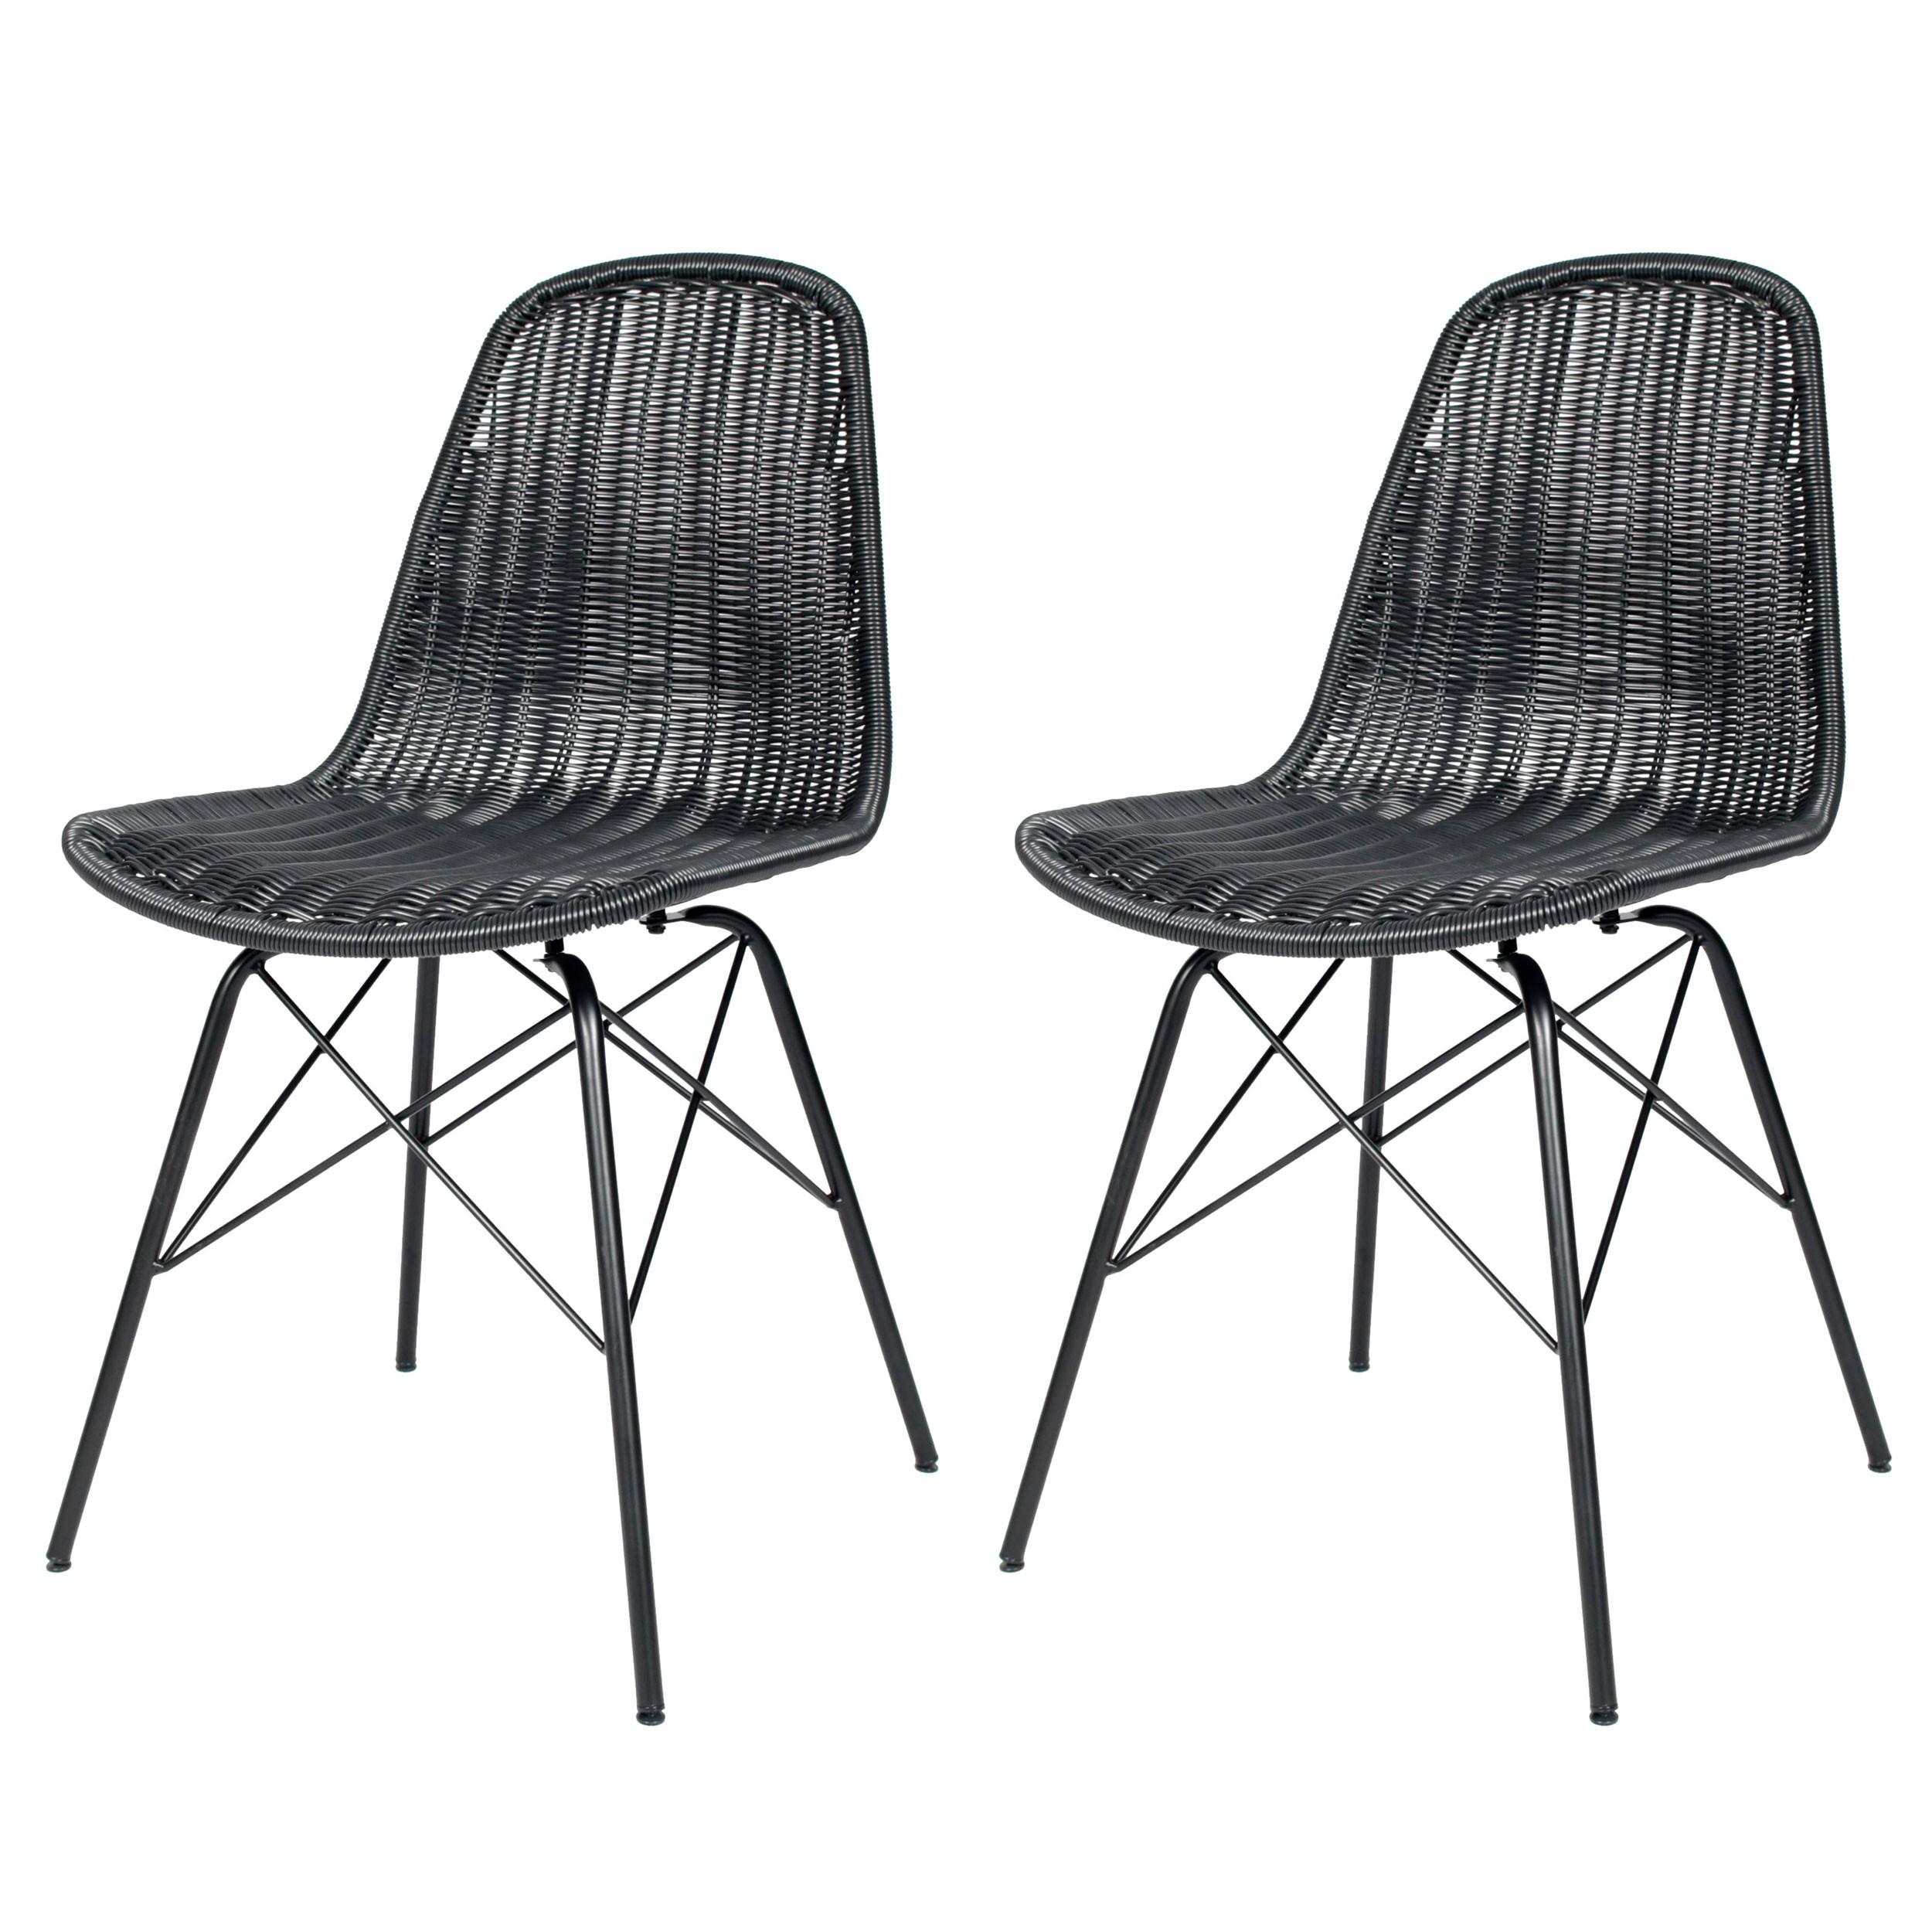 Chaise tiptur en r sine tress e noire lot de 2 - Chaise resine tressee ...